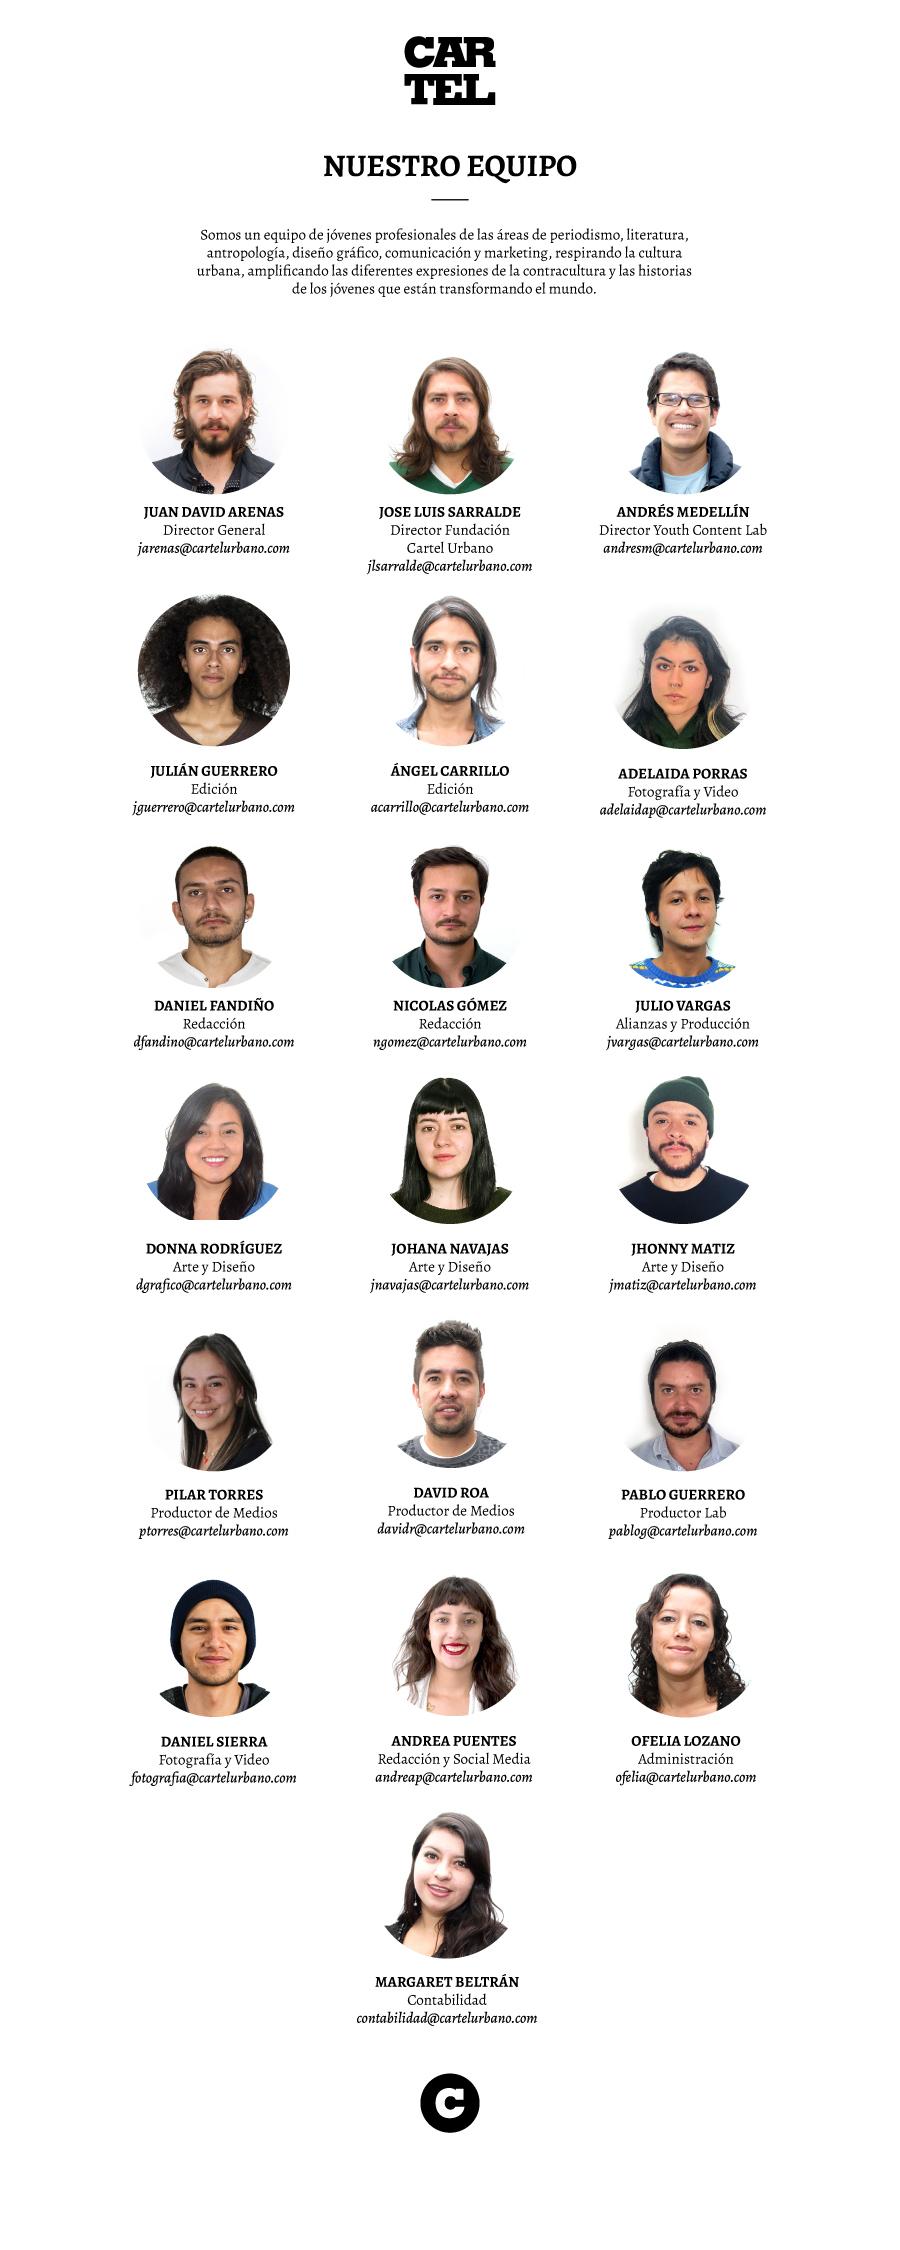 equipo-cartel.jpg